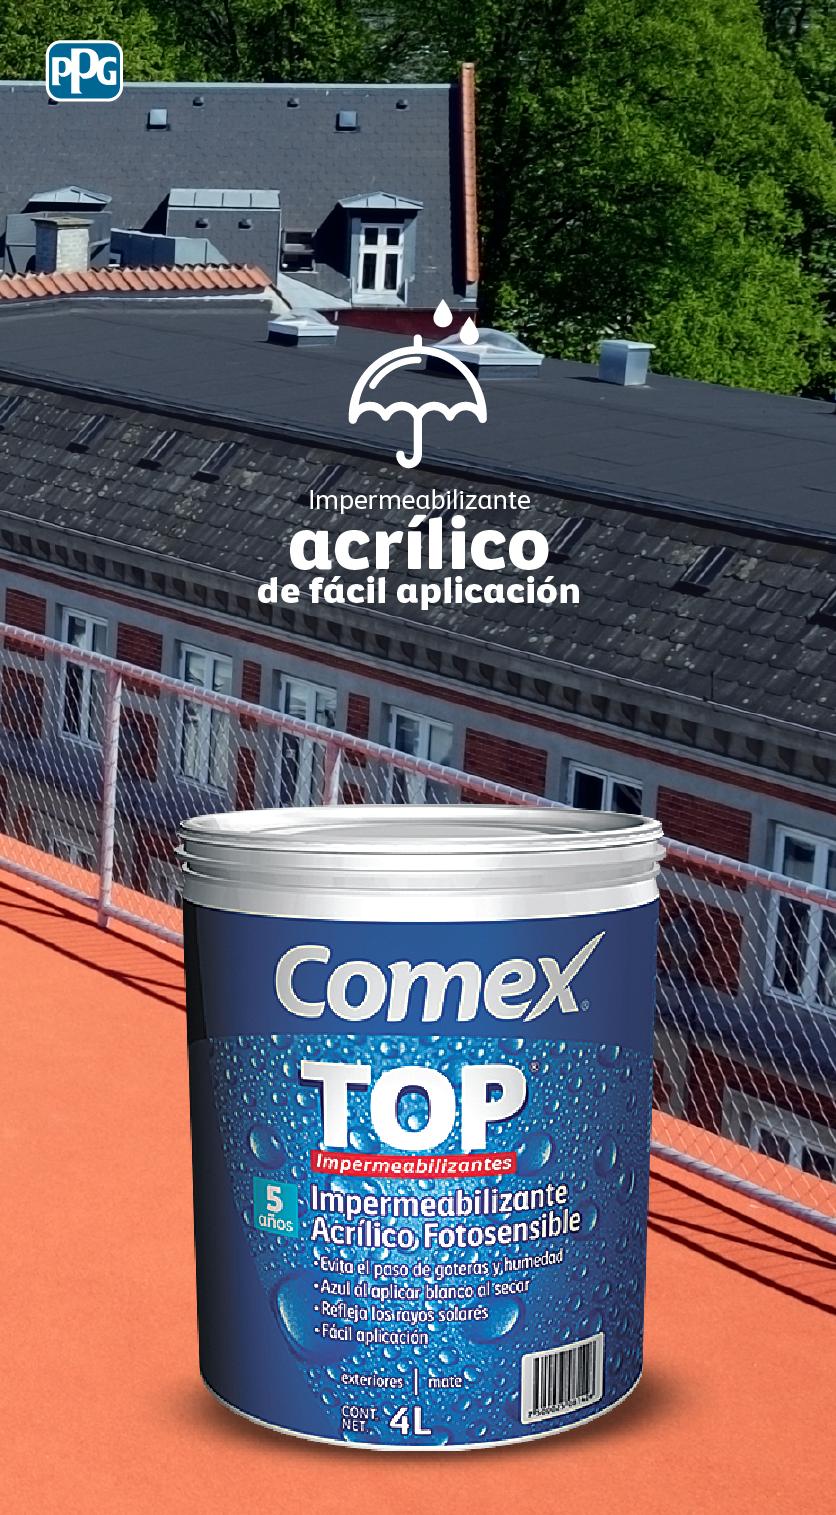 Impermeabilizante top 5 a os de f cil aplicaci n base agua ideal para proteger tu casa de la - Humedad ideal en casa ...